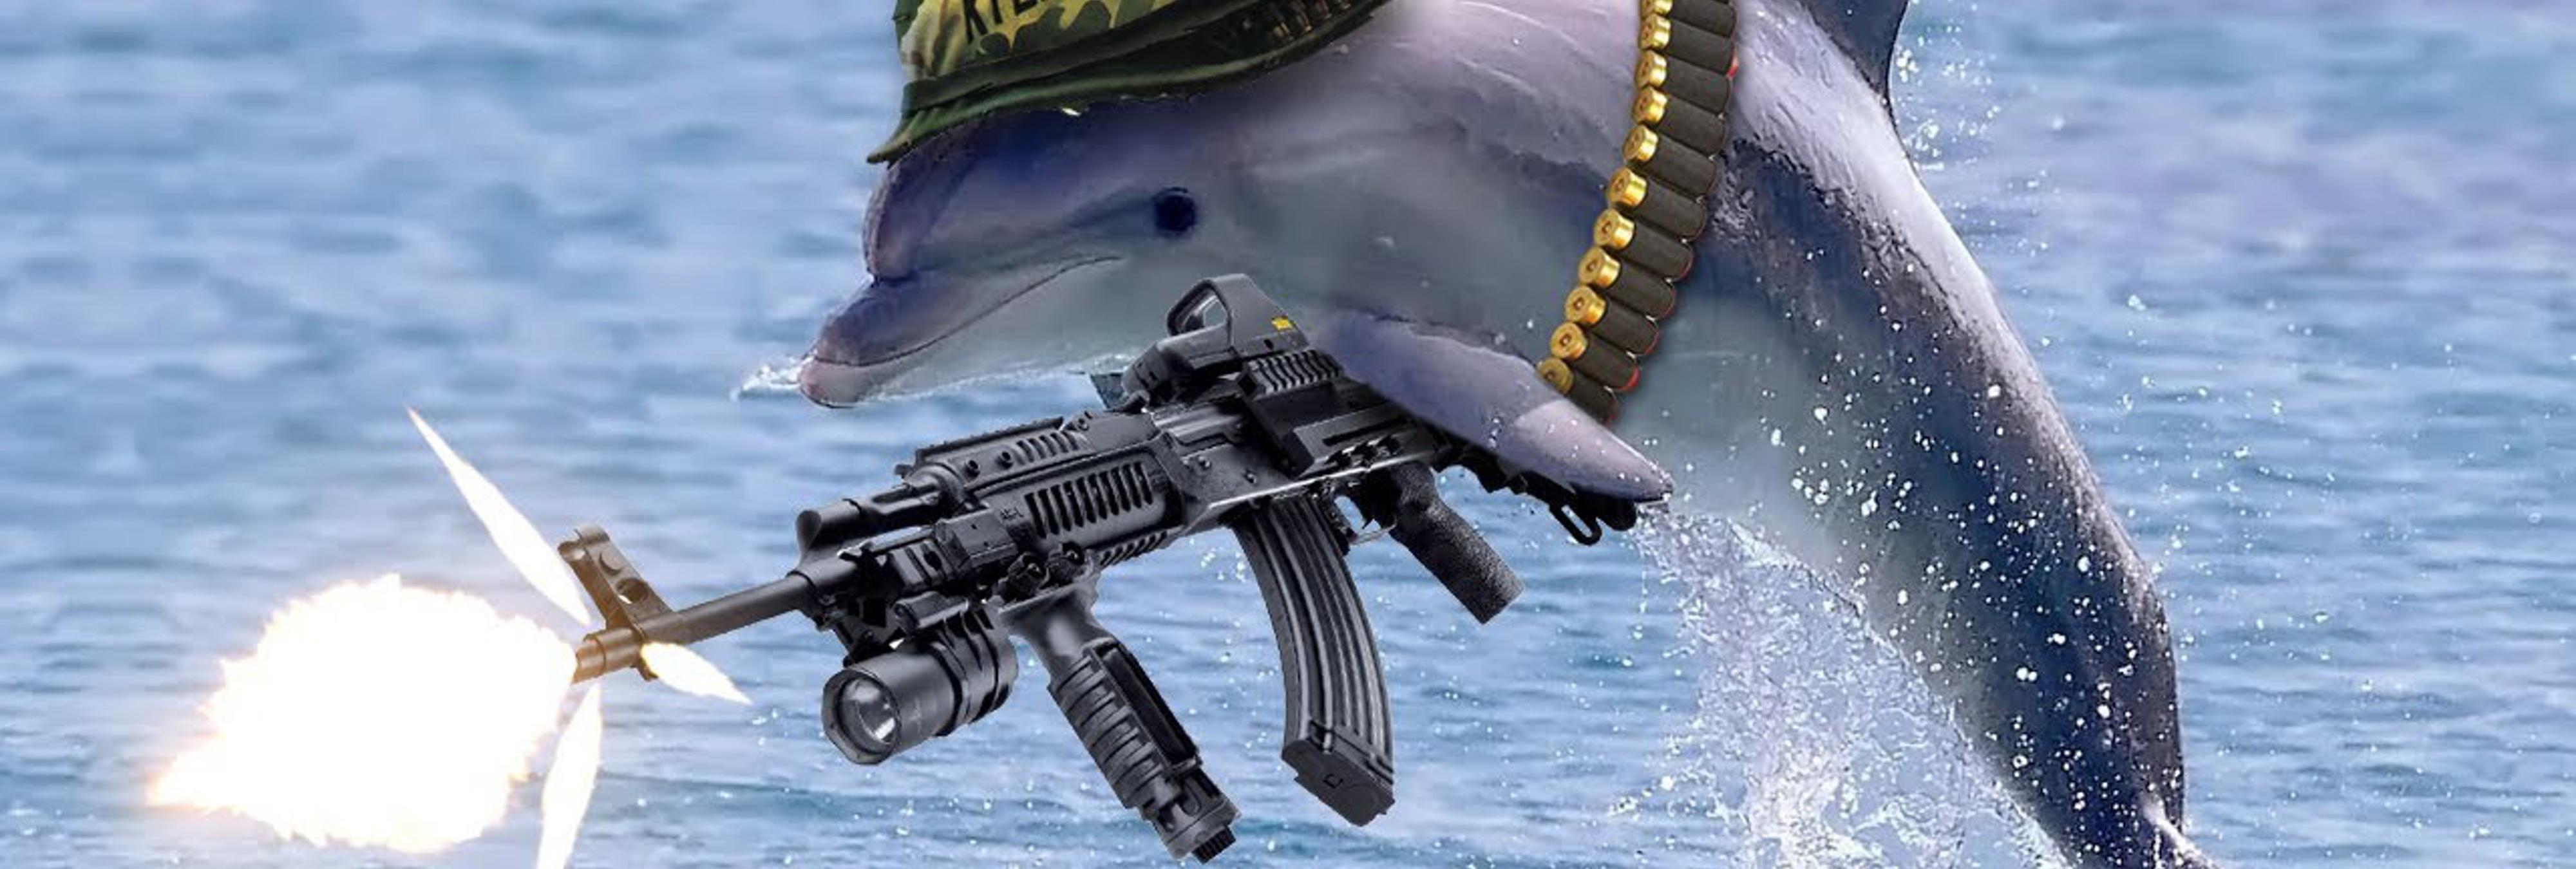 ¿Qué hace un delfín muerto en la Casa de Campo? Desvelamos las principales hipótesis